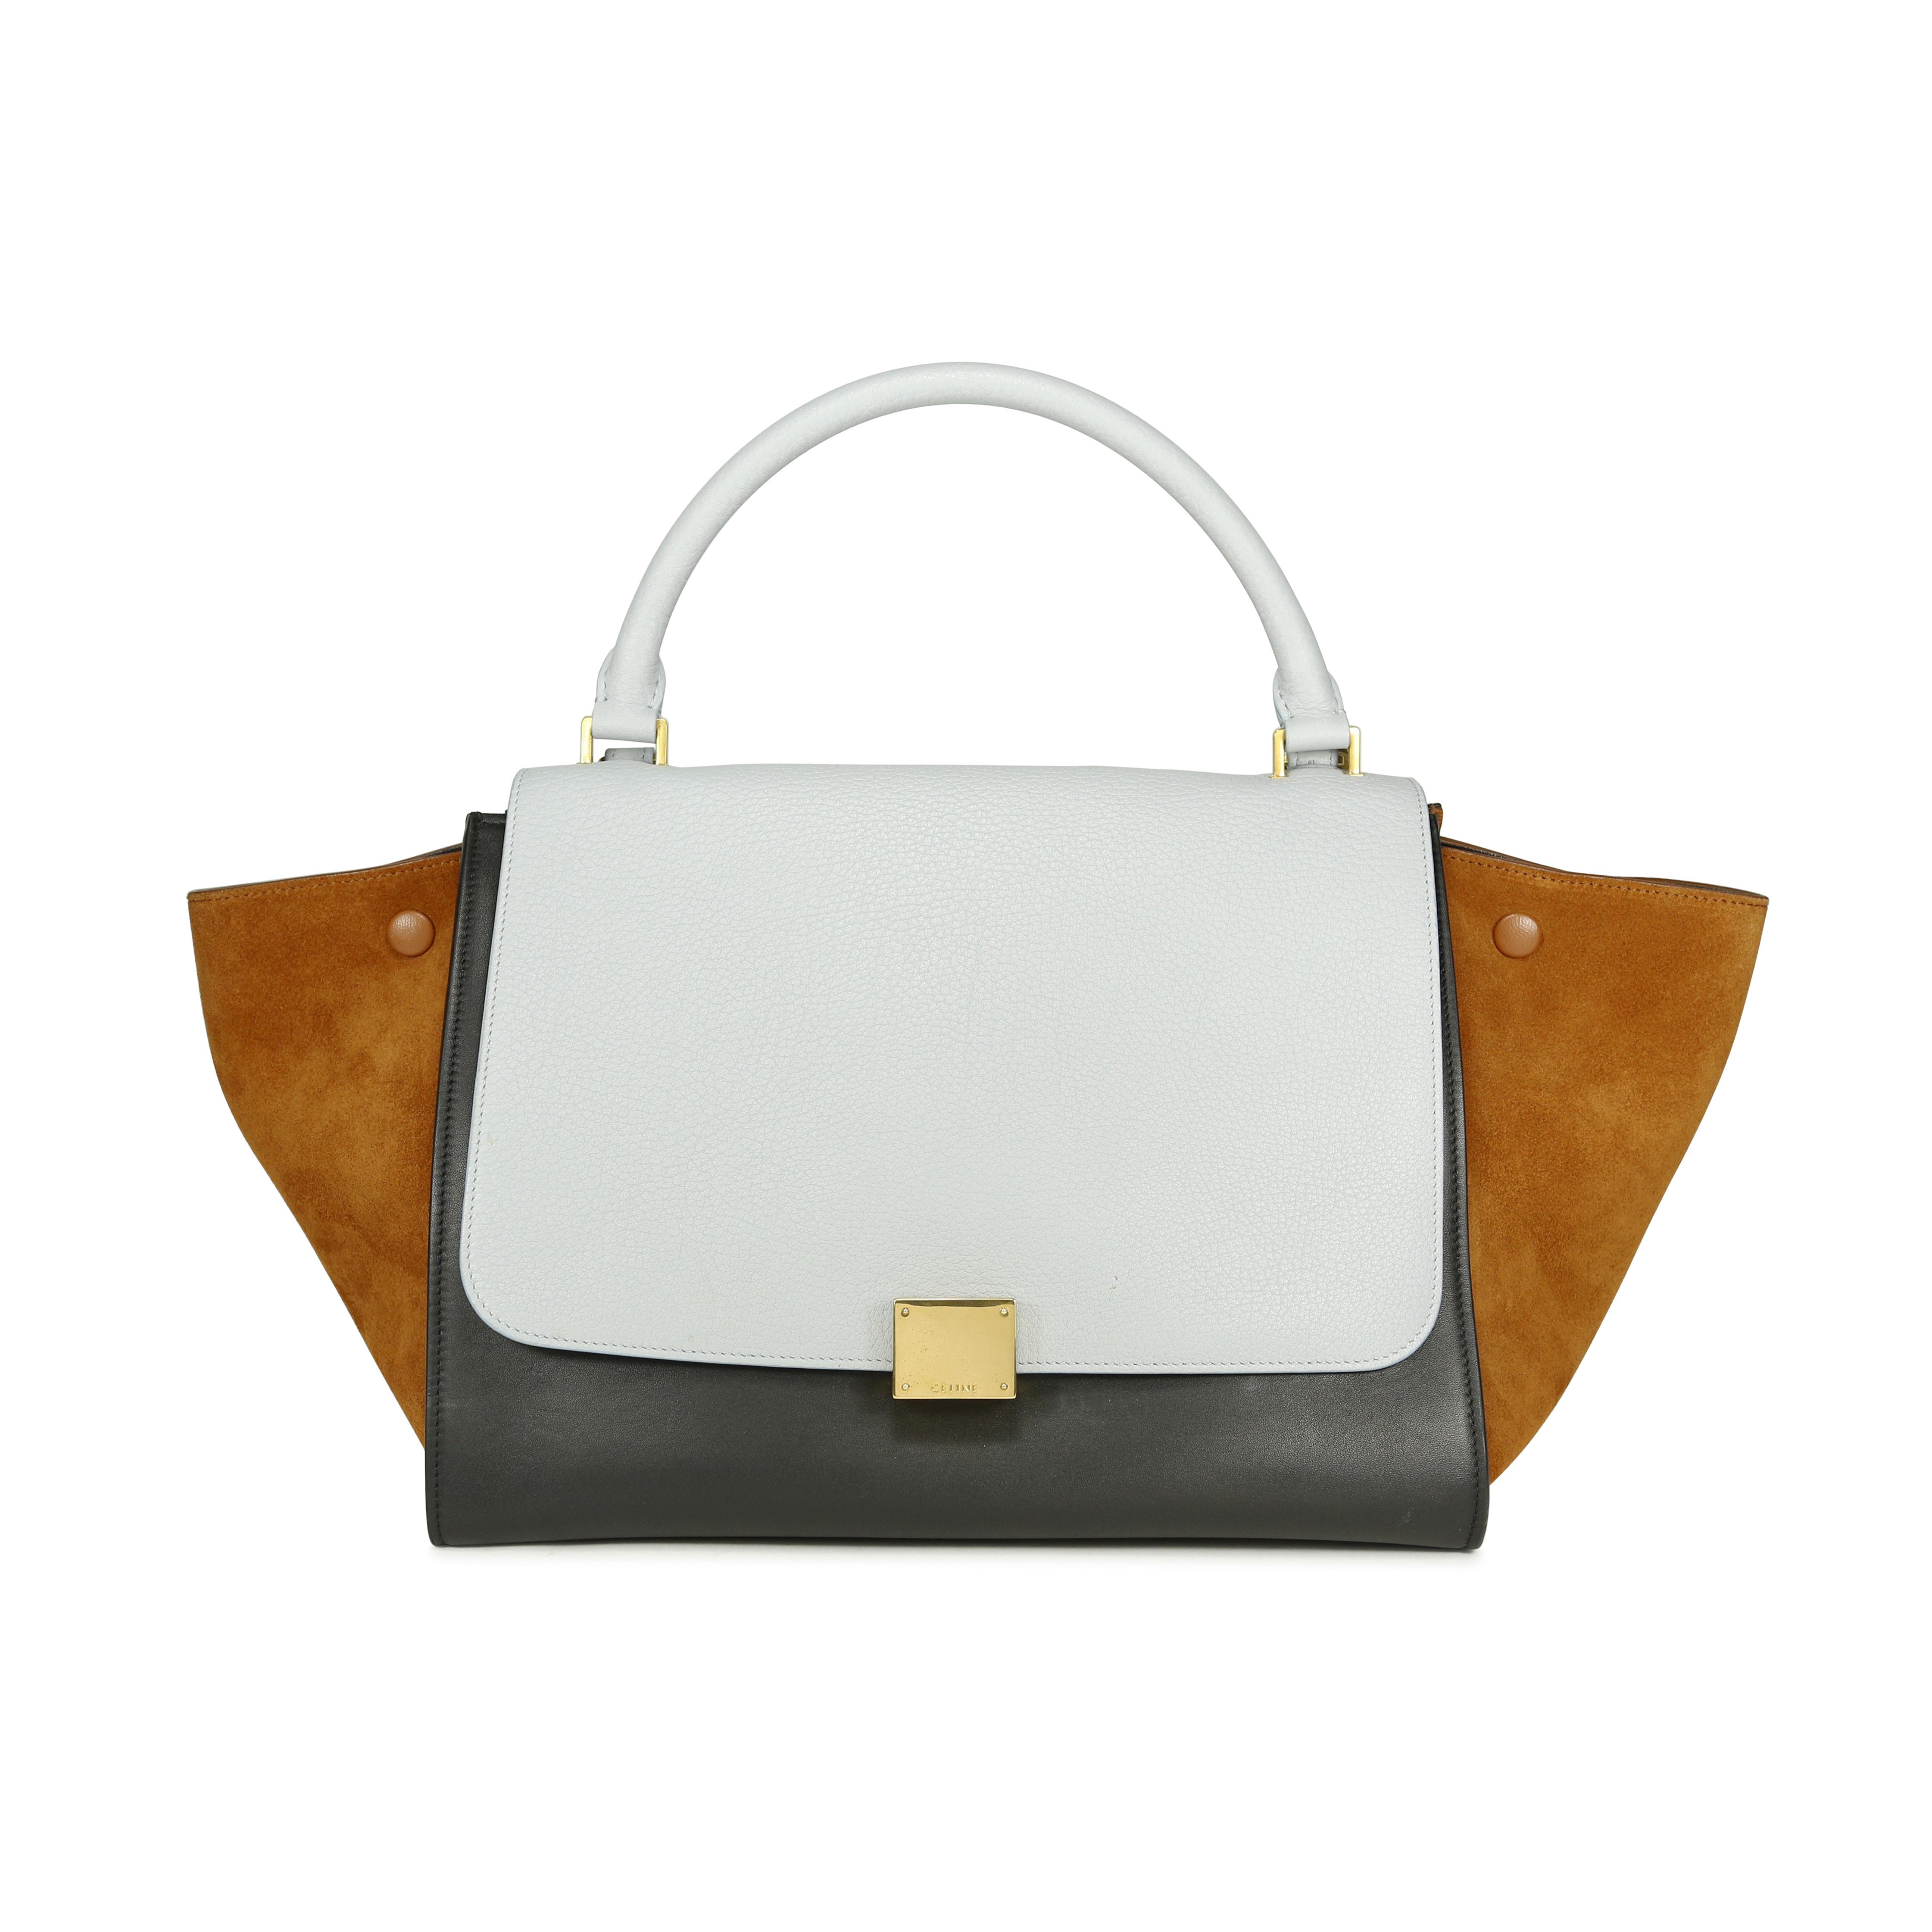 05e38c4a501f Authentic Second Hand Céline Tri-colour Trapeze Bag (PSS-196-00001 ...